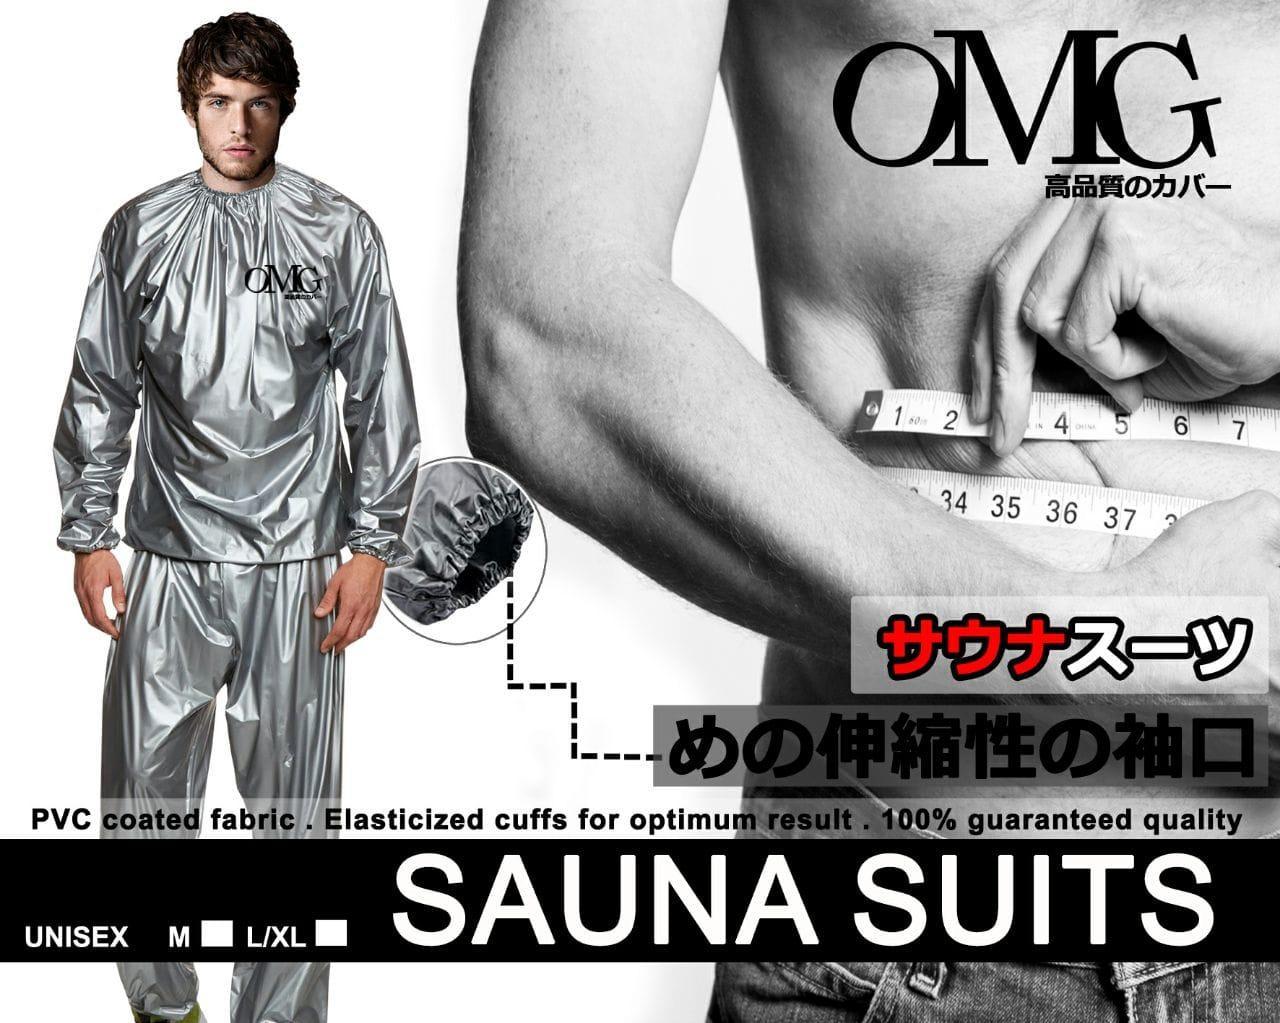 HOT DEALS!!  Baju Sauna Suit OMG Jaket Celana Olah Raga Pria Wanita Best Quality - Perak, XL-XXL TERMURAH / MURAH / PACKING RAPIH / PENGIRIMAN CEPAT